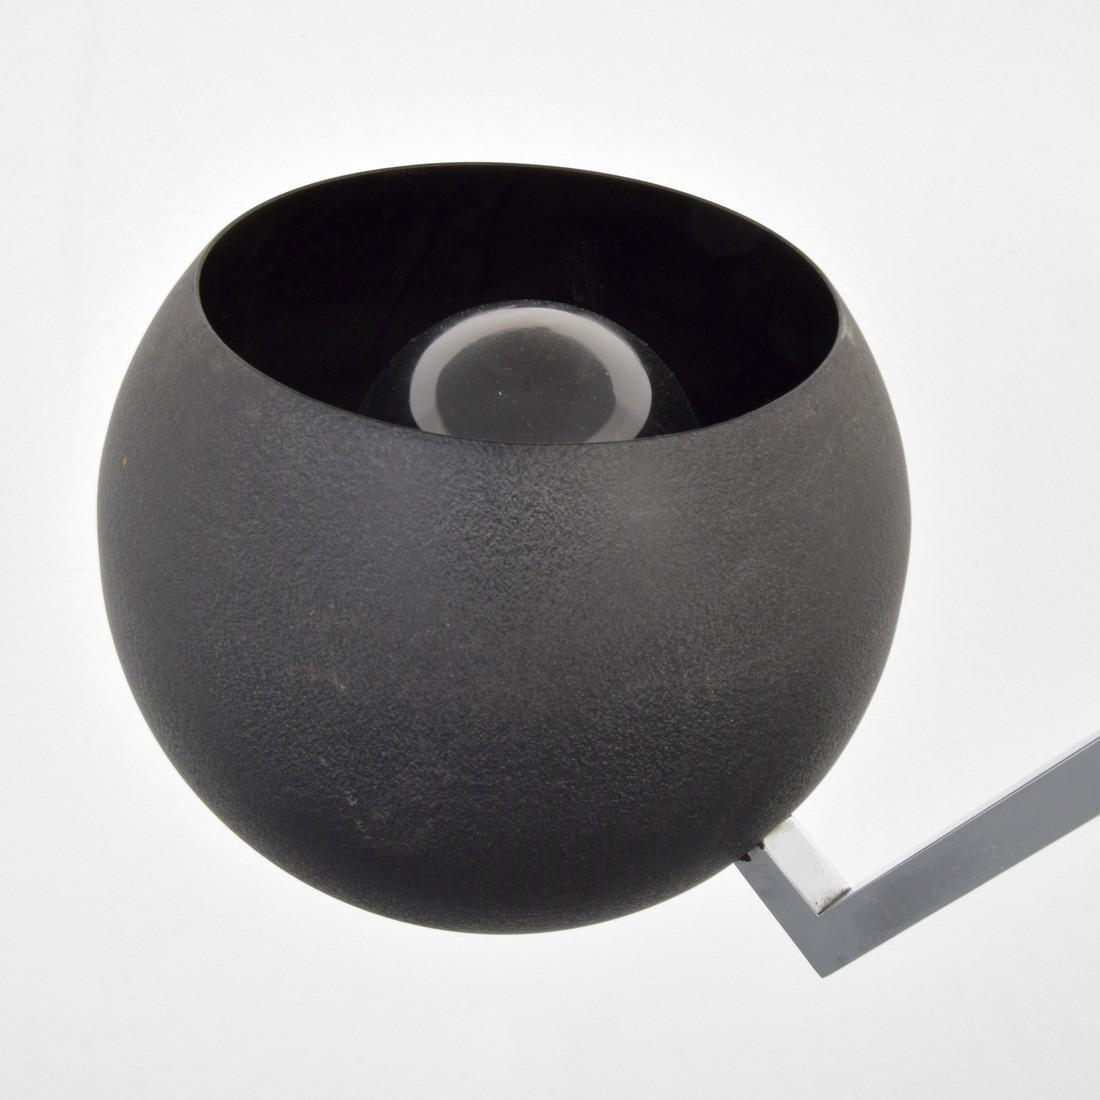 Robert Sonneman Adjustable Floor Lamp - 5